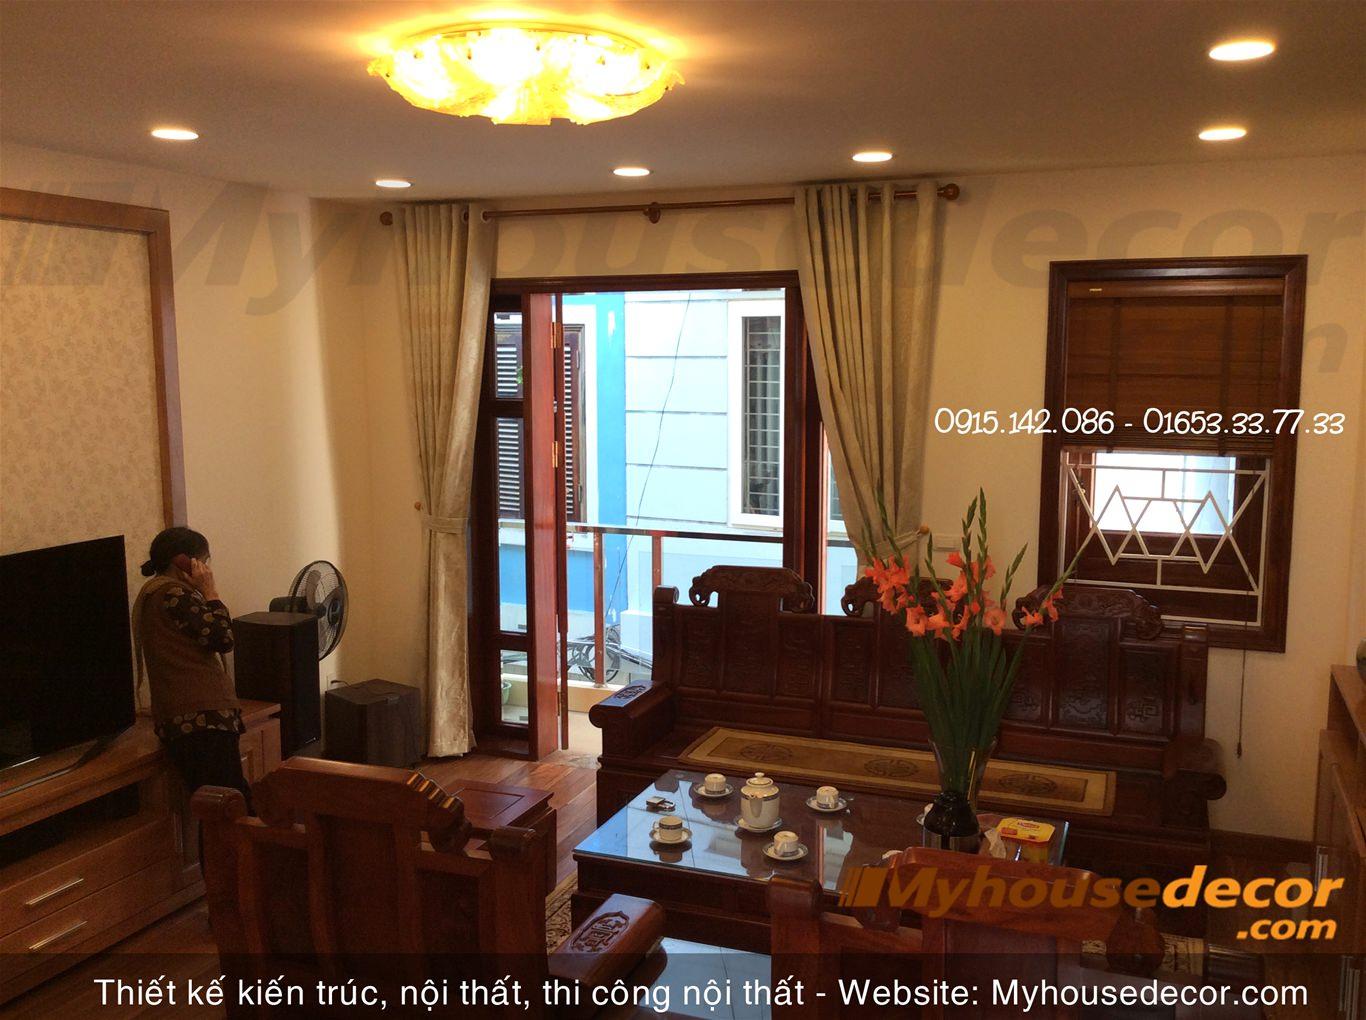 Thi công đồ gỗ nội thất phong cách Á Đông – Anh Minh Hồ Tây